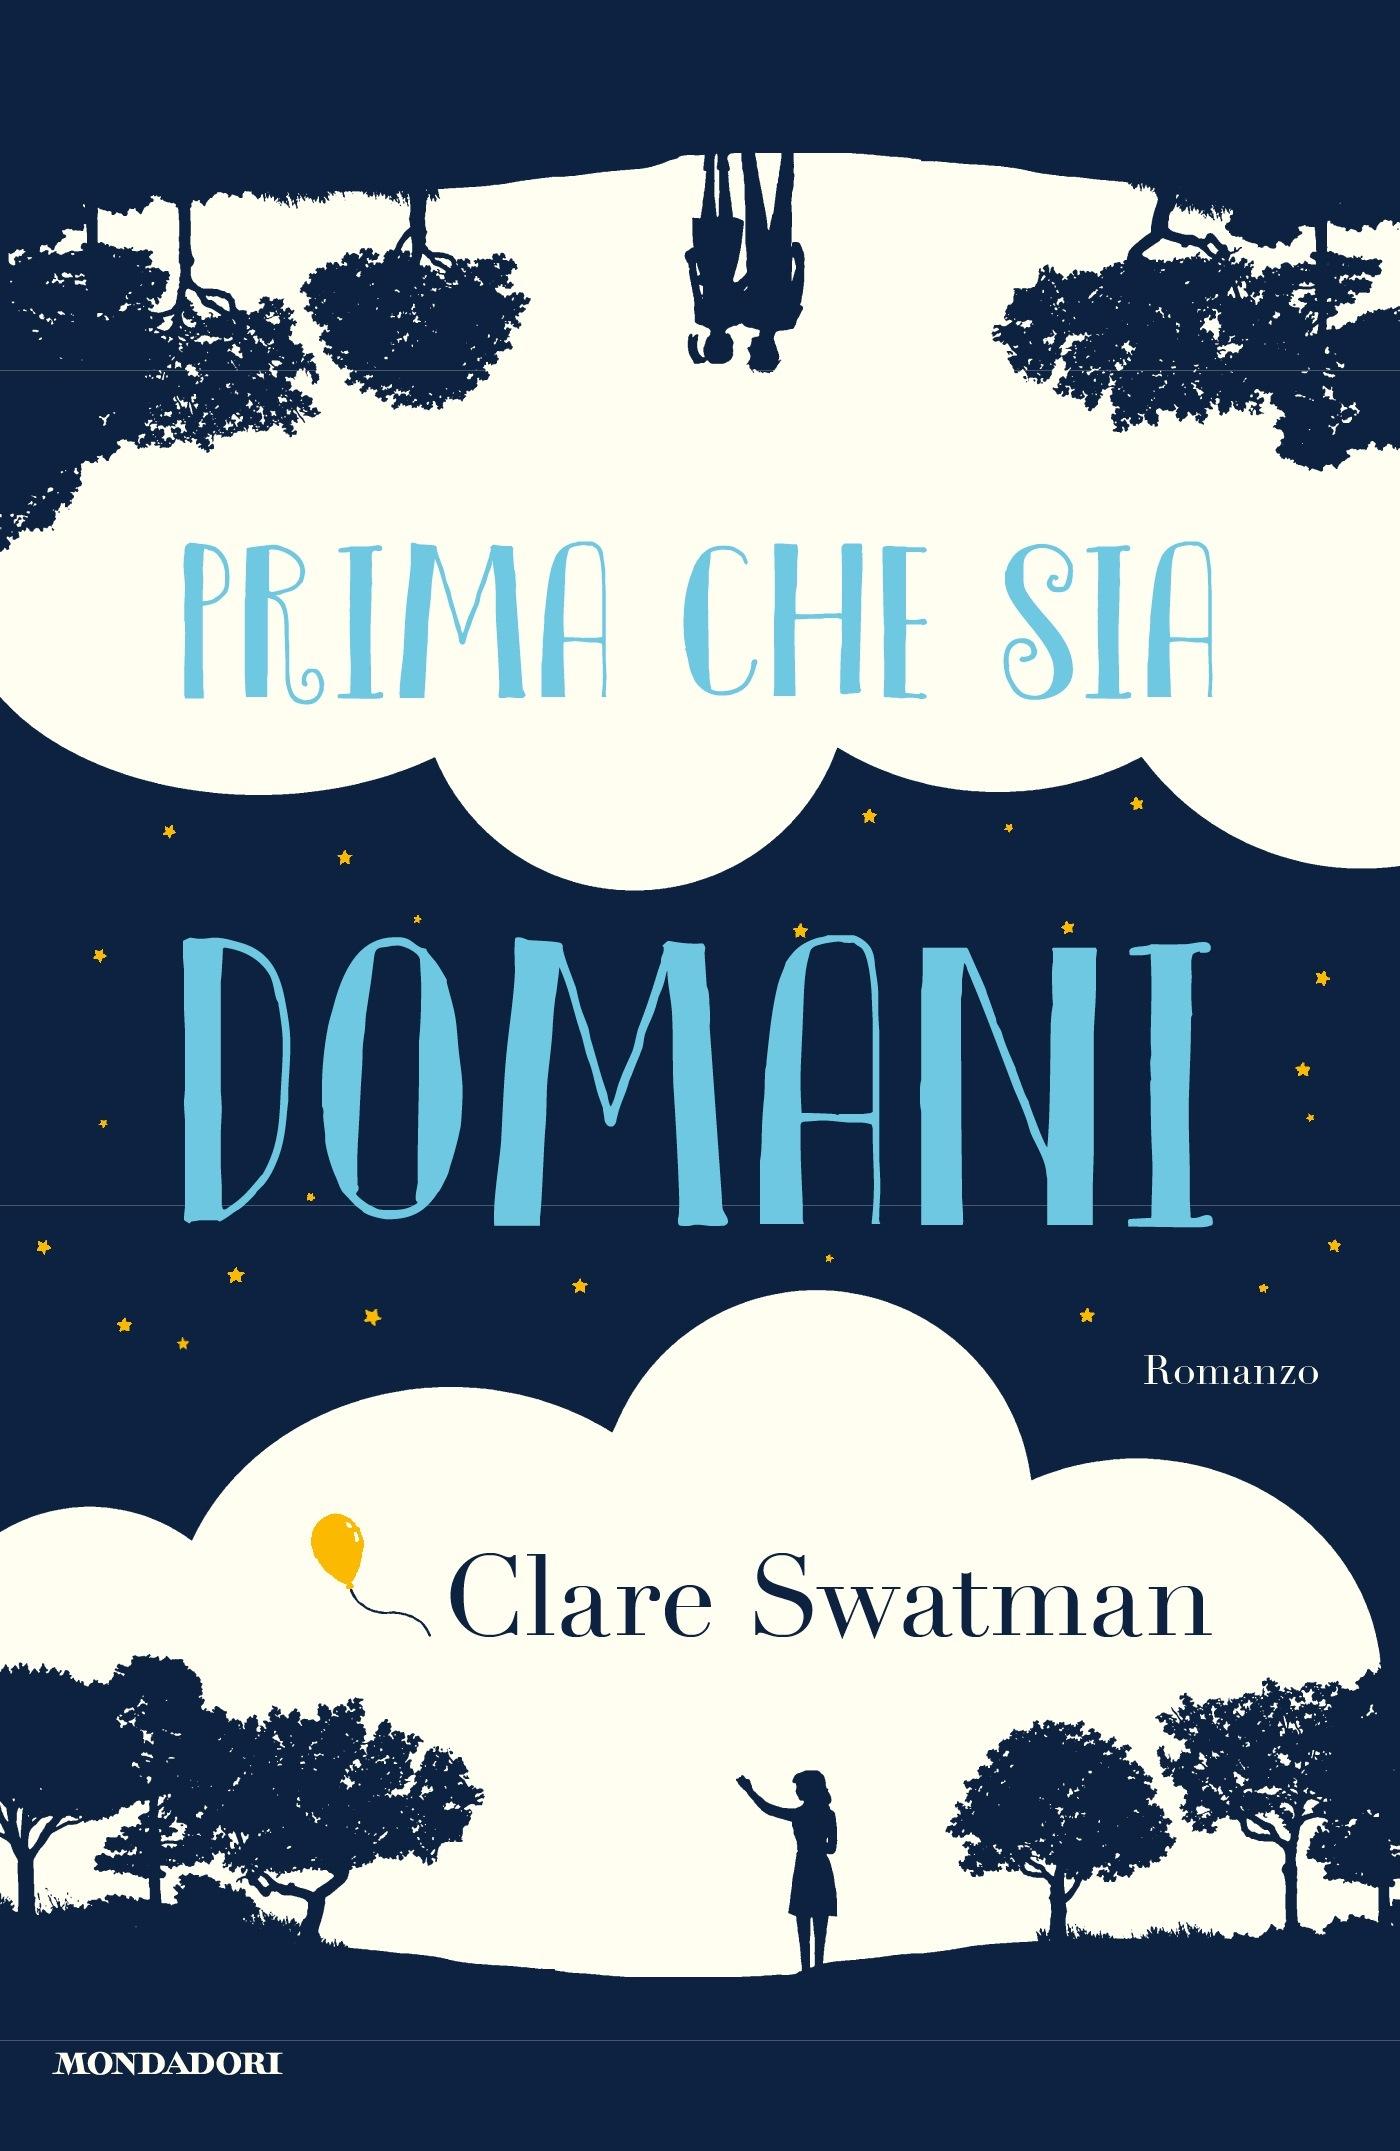 Prima che sia domani - Clare Swatman